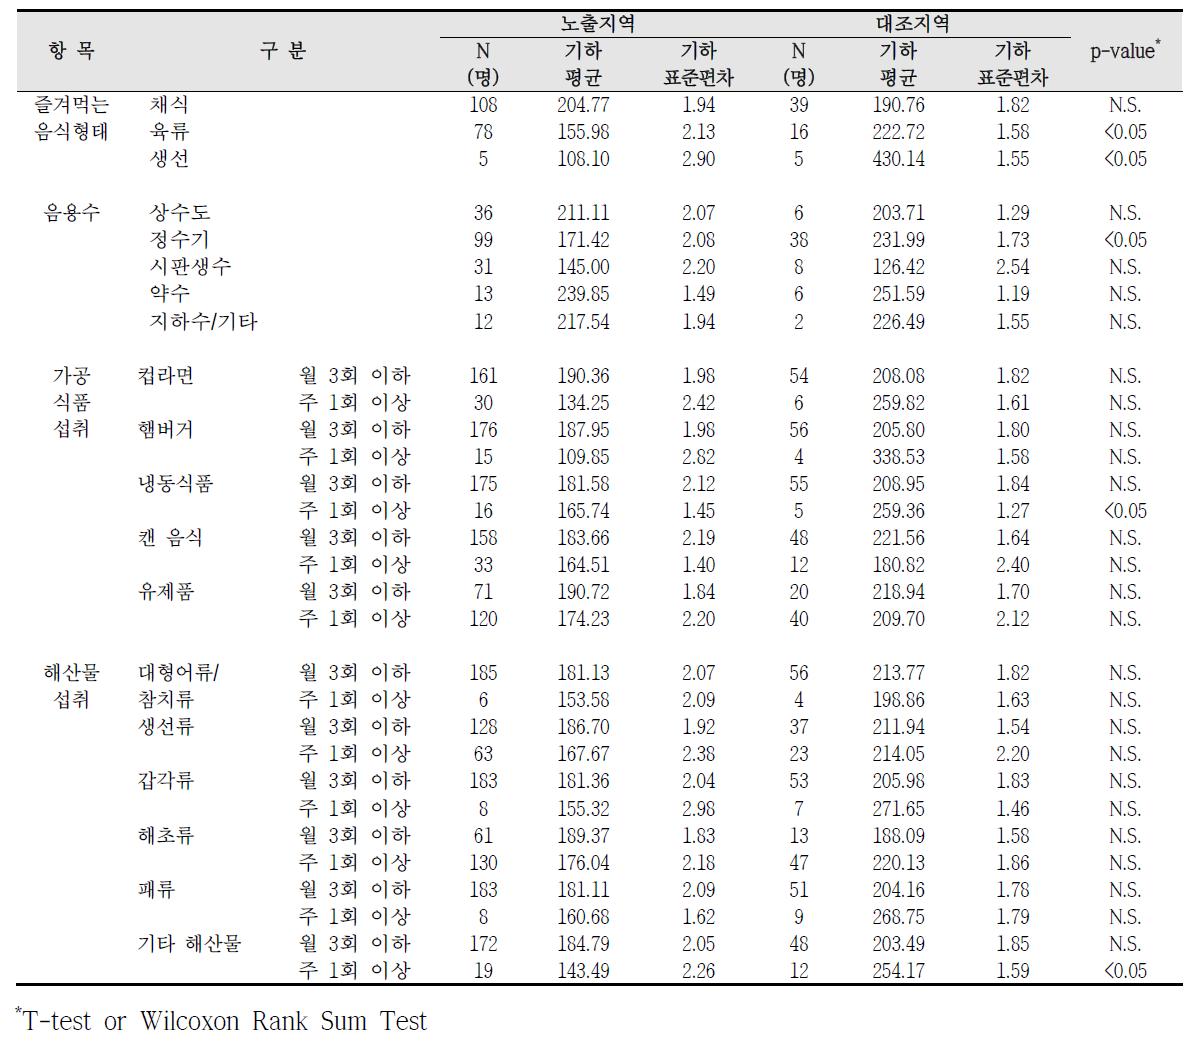 청주산업단지 식생활 습관에 따른 요중 PGA 농도 비교